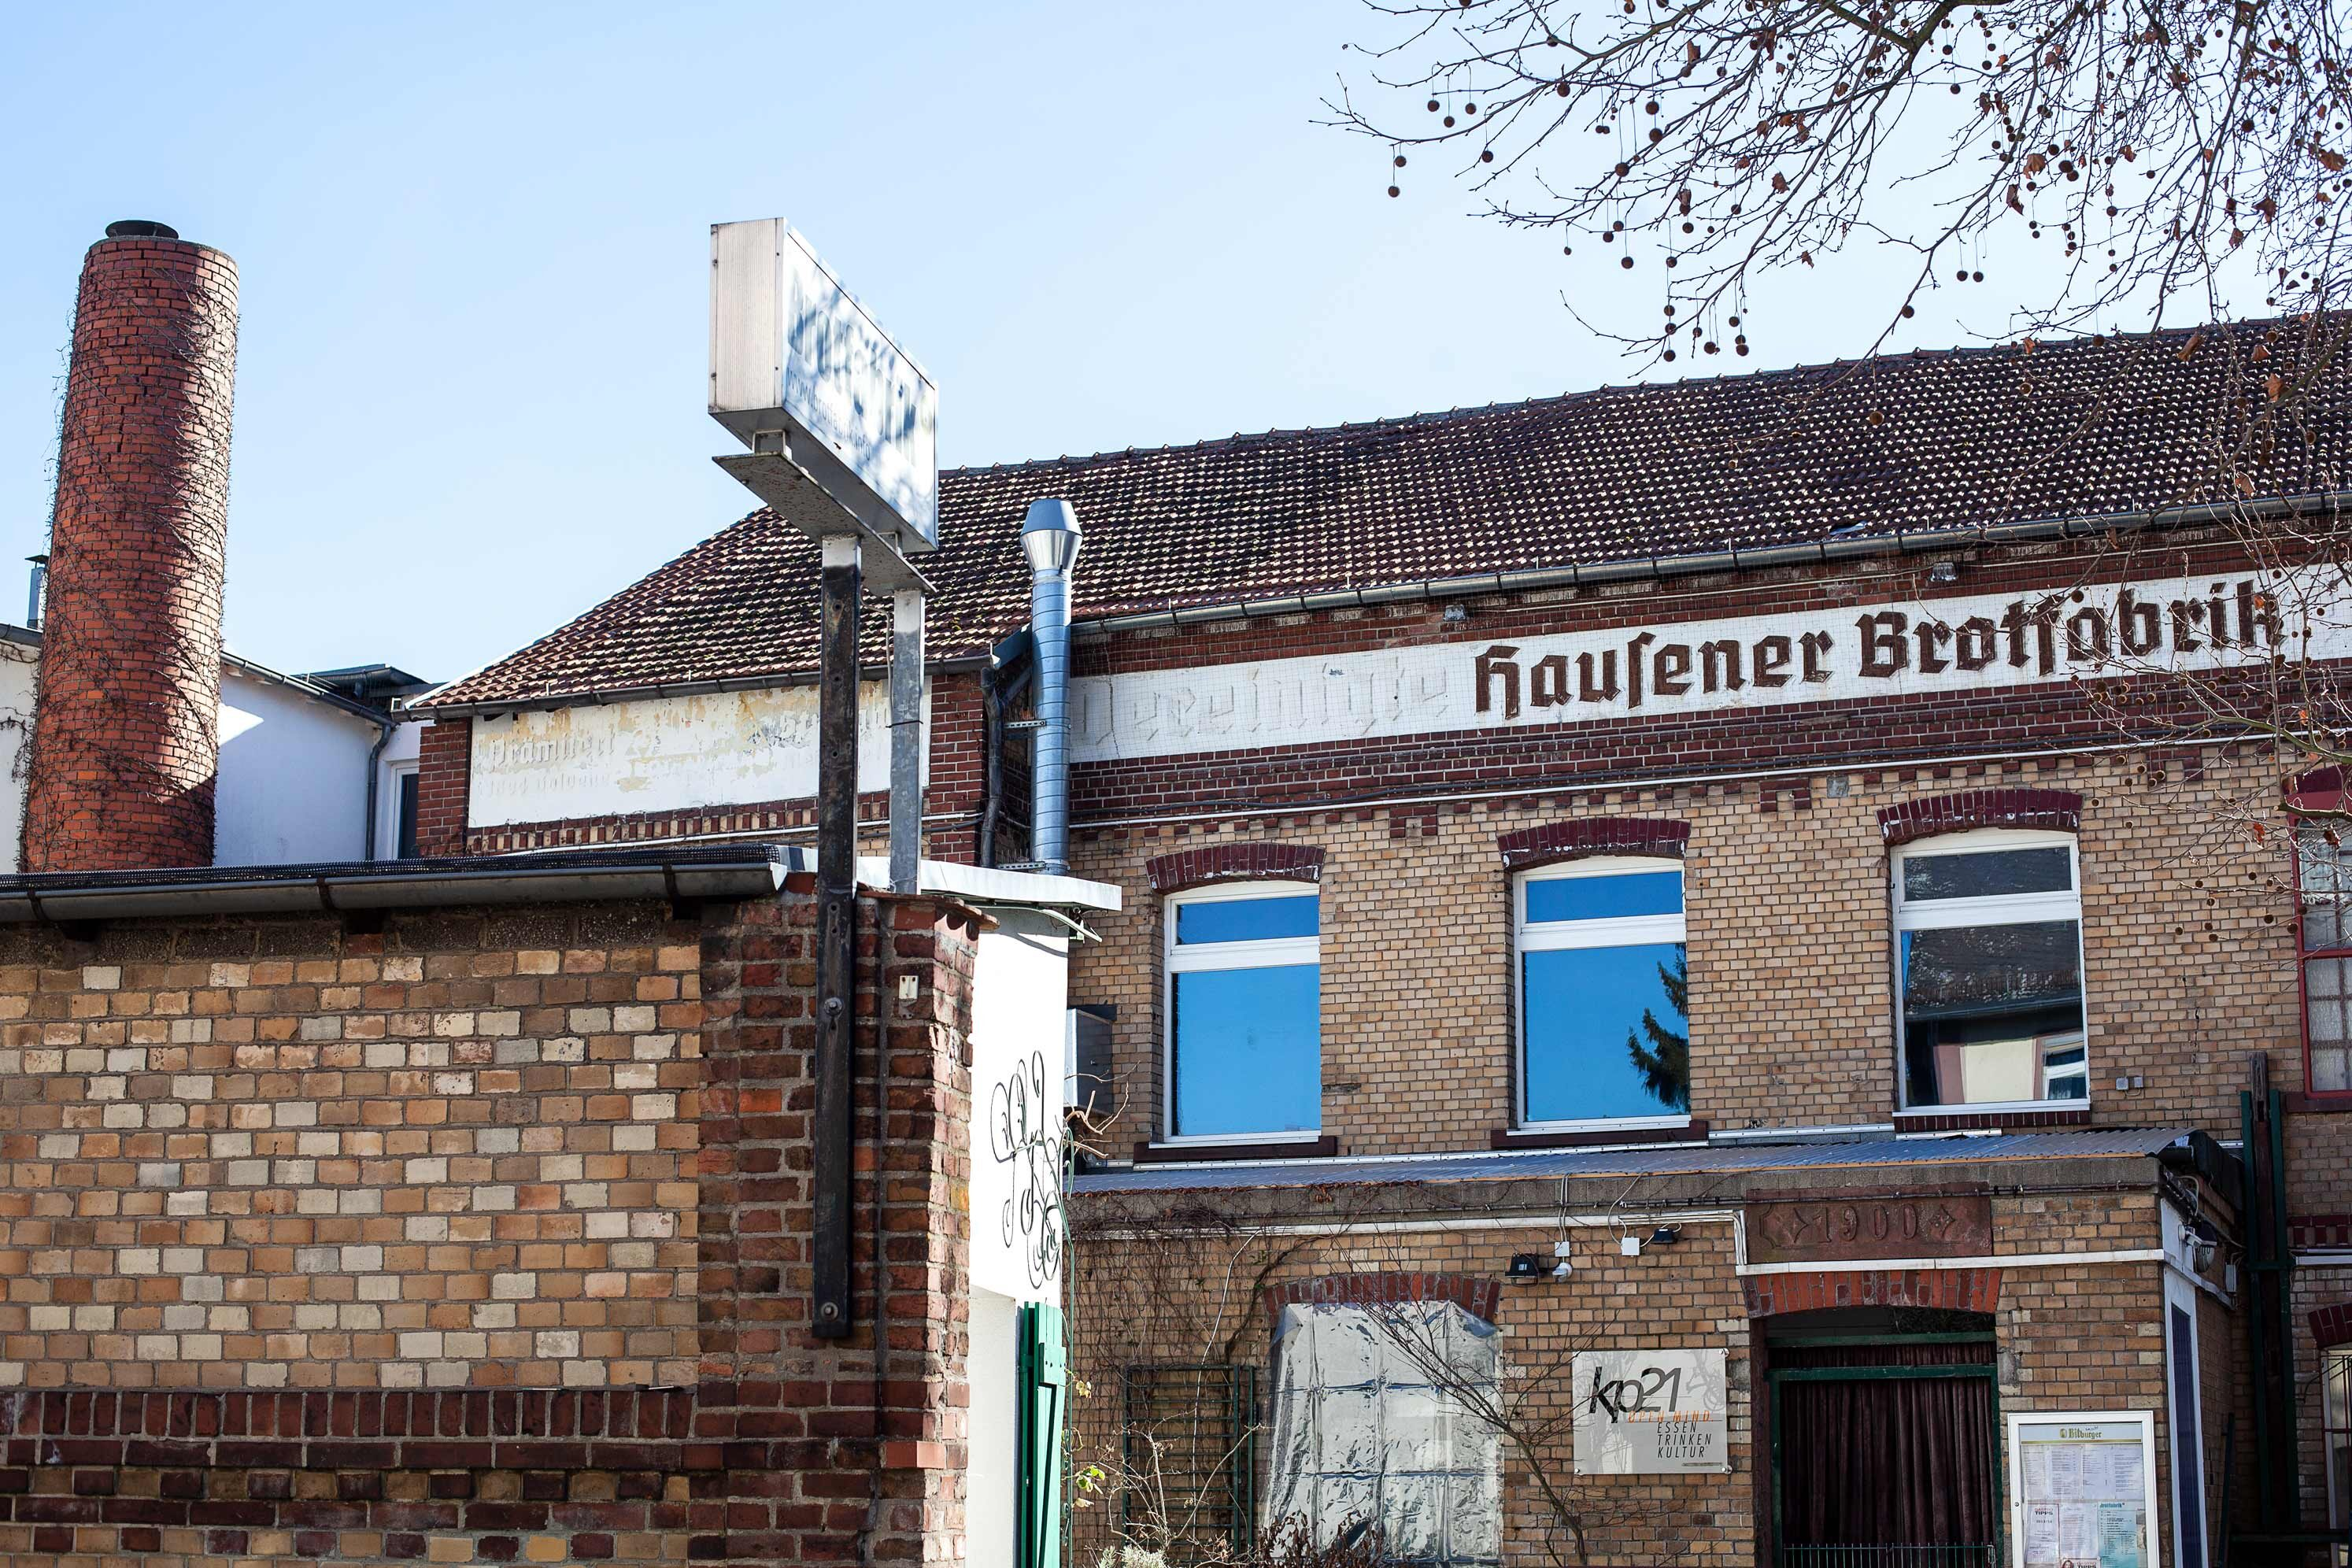 Hausener Brotfabrik